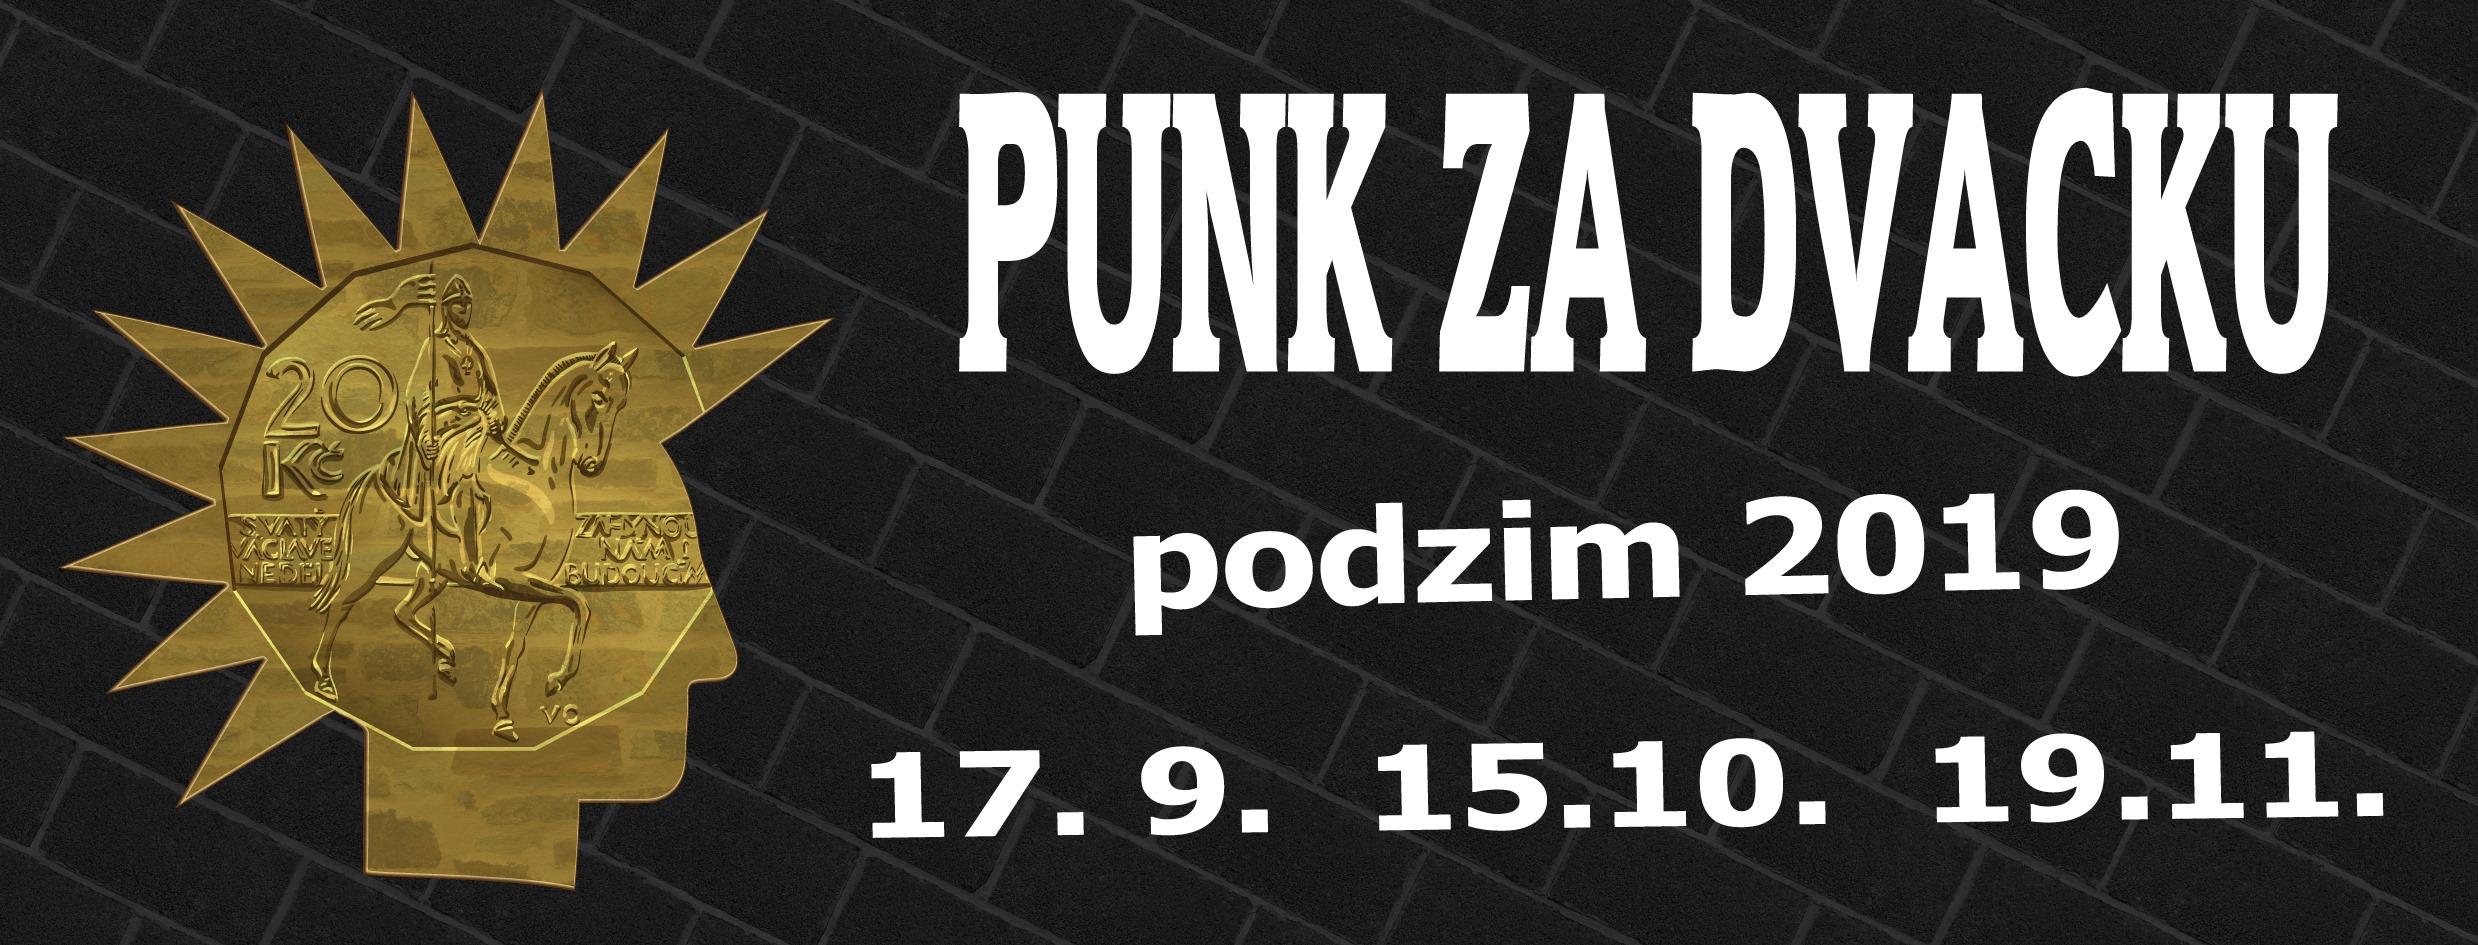 punk za dvacku